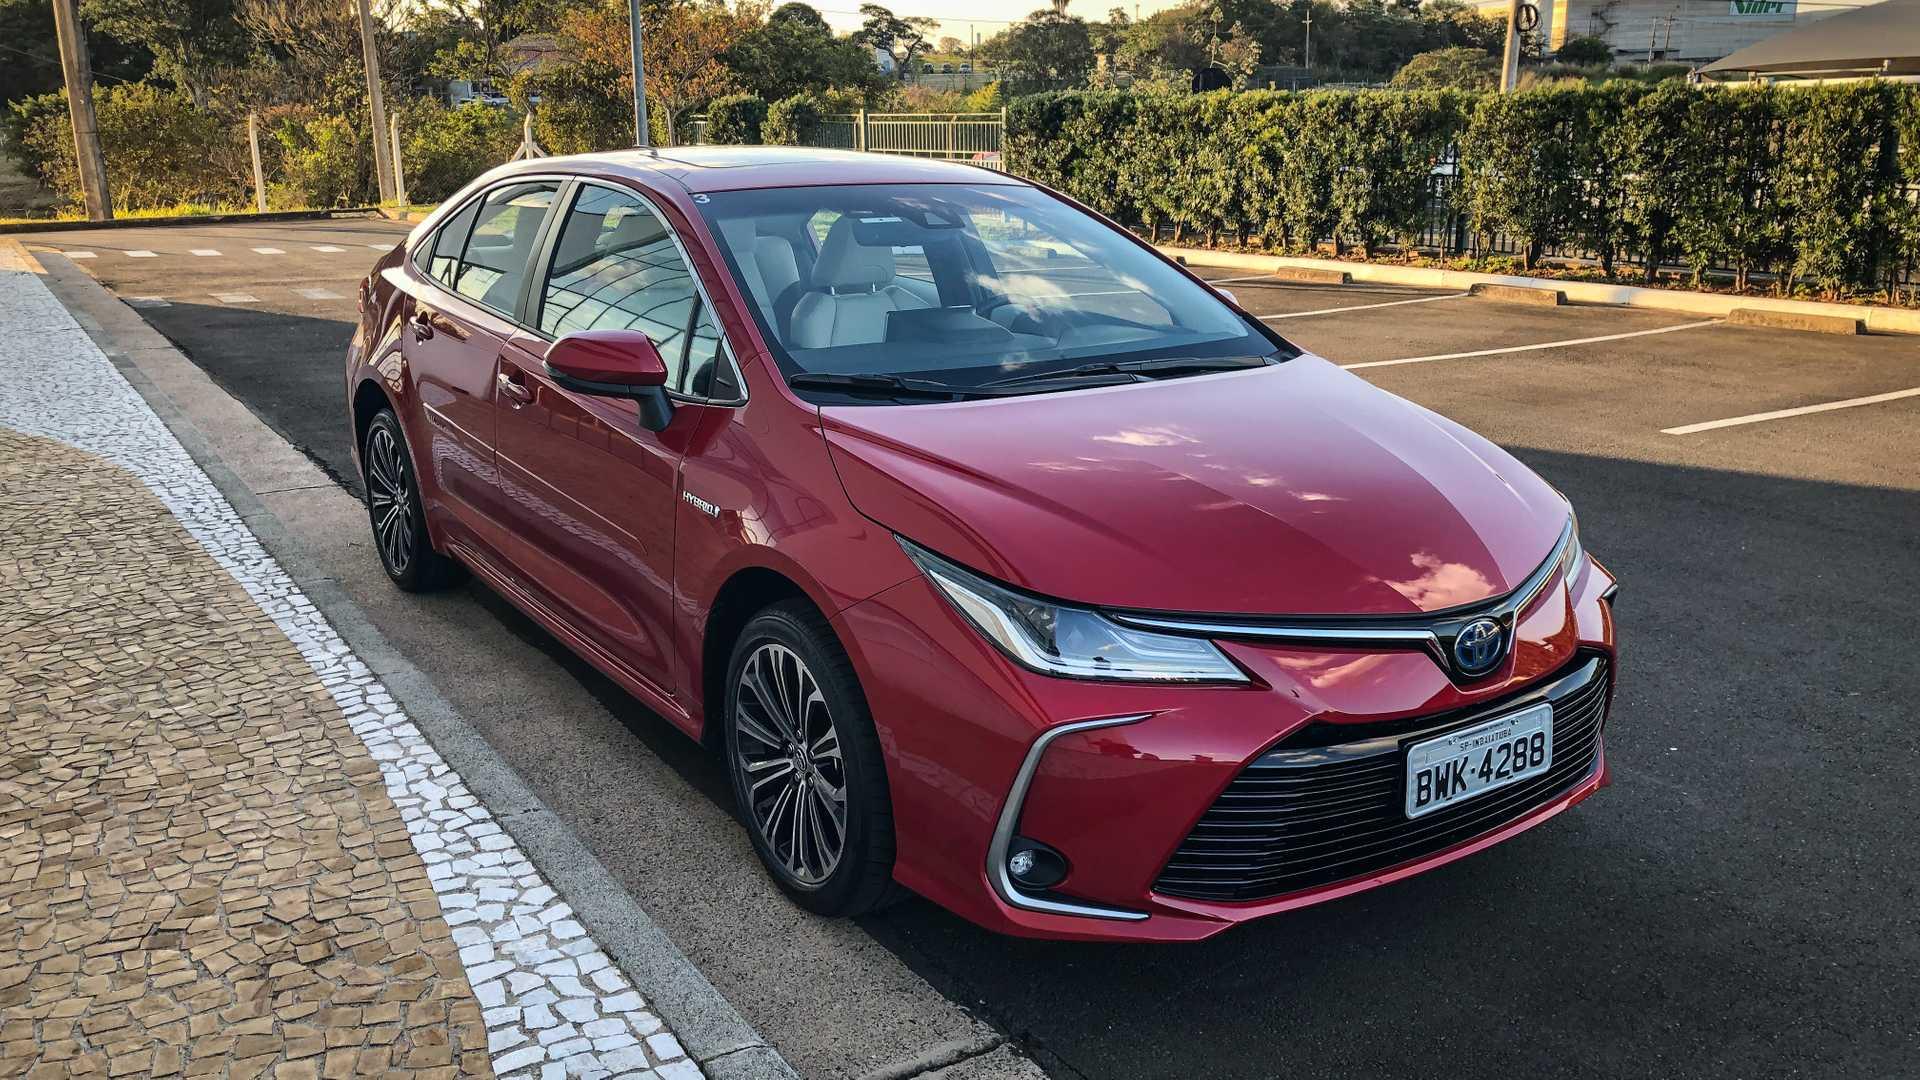 Carro Toyota Corolla ilustrando o texto Descubra os 10 carros mais econômicos do Brasil em 2020